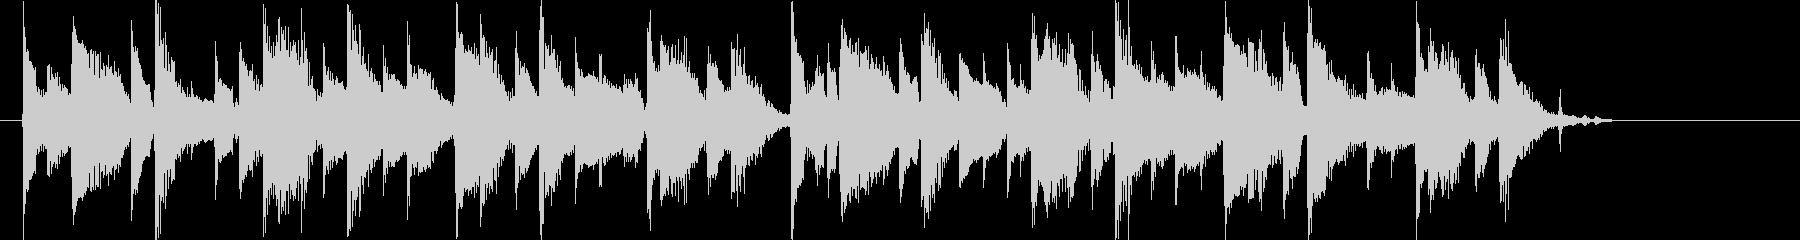 アコギの爽やかで感動的なCM曲Dの未再生の波形